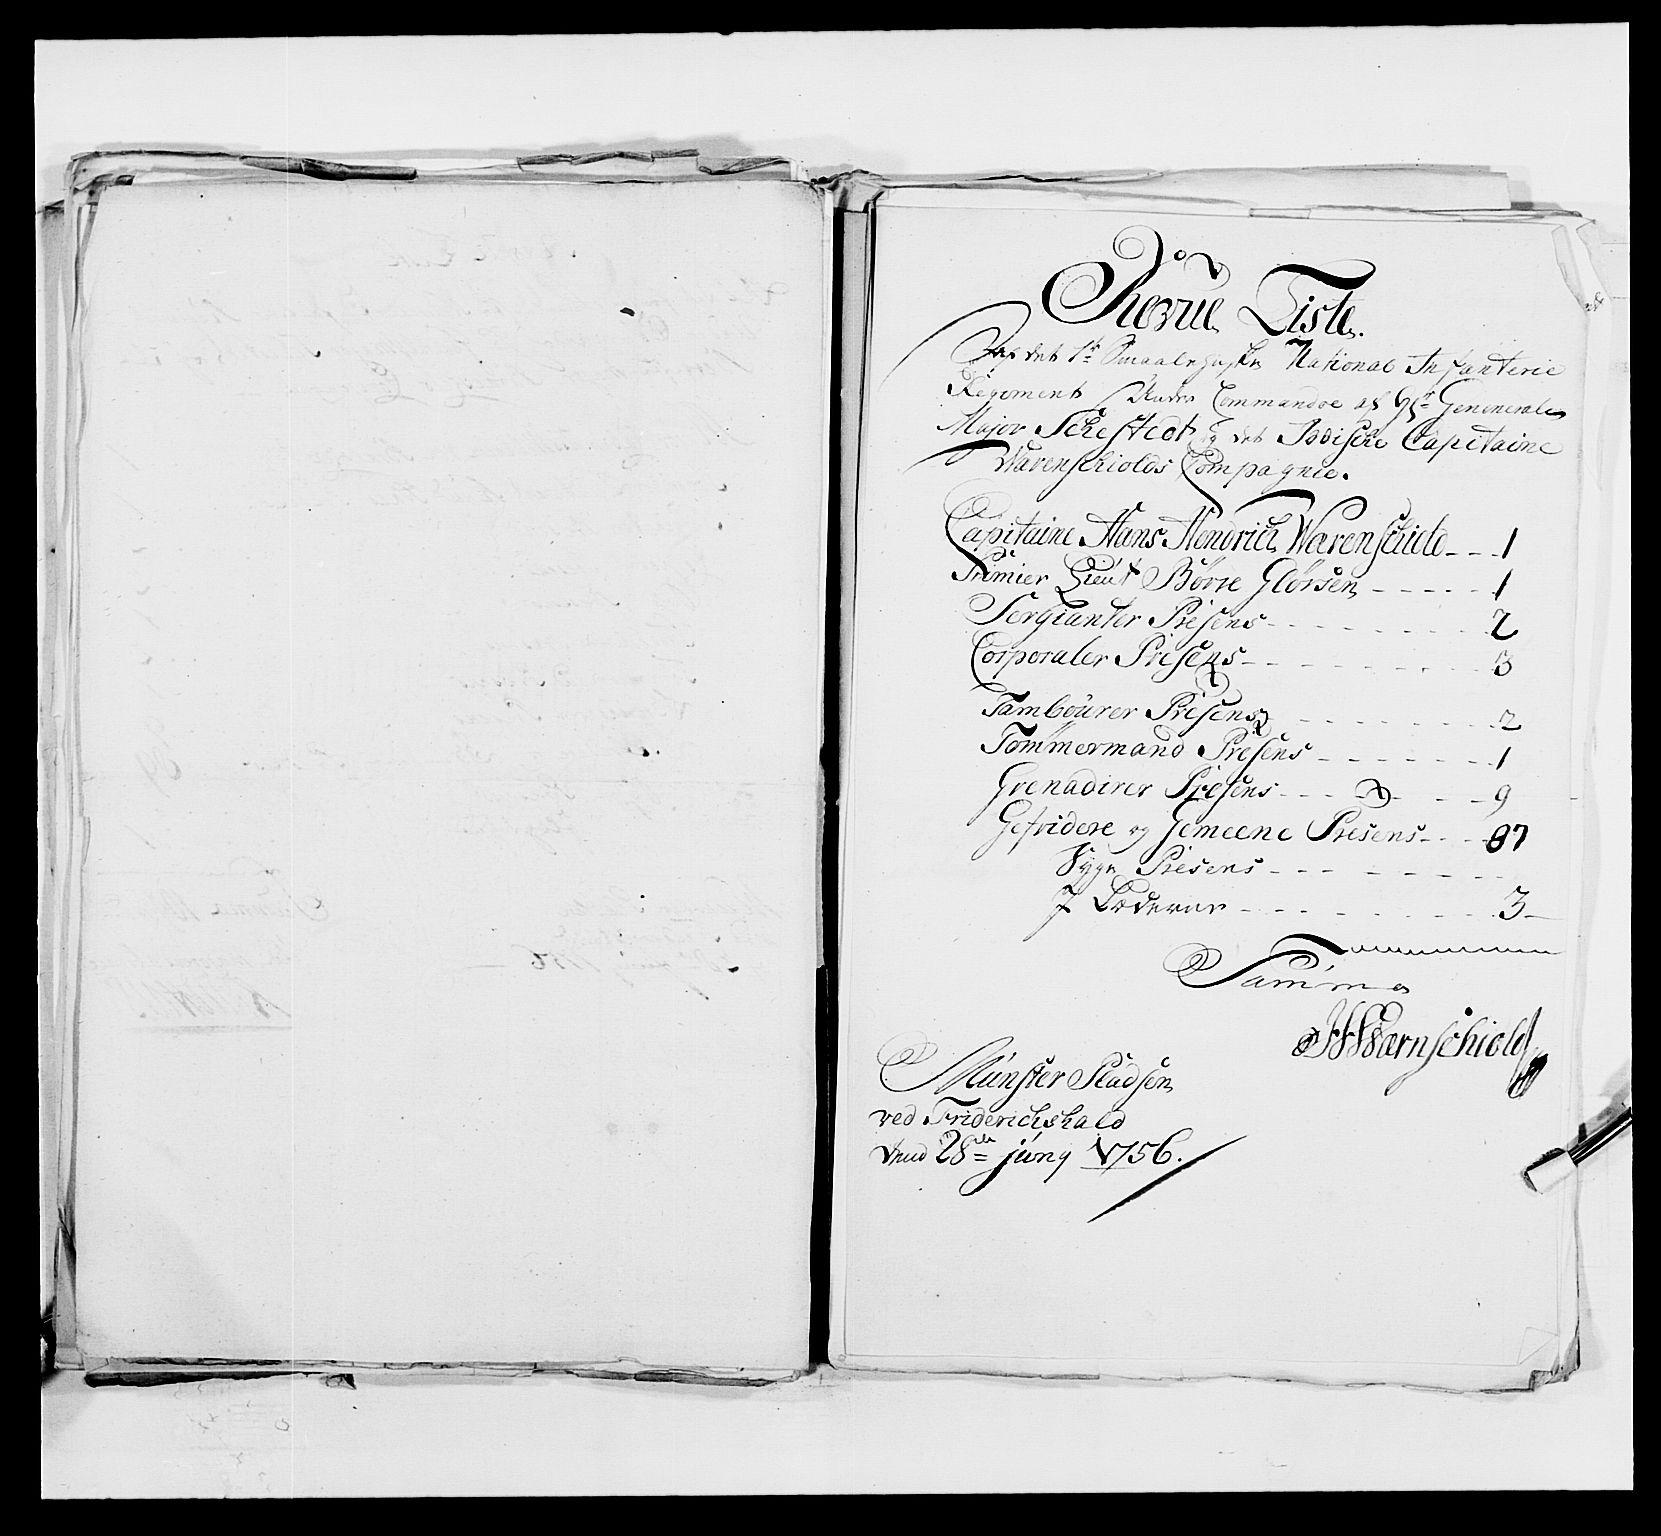 RA, Kommanderende general (KG I) med Det norske krigsdirektorium, E/Ea/L0495: 1. Smålenske regiment, 1732-1763, s. 622